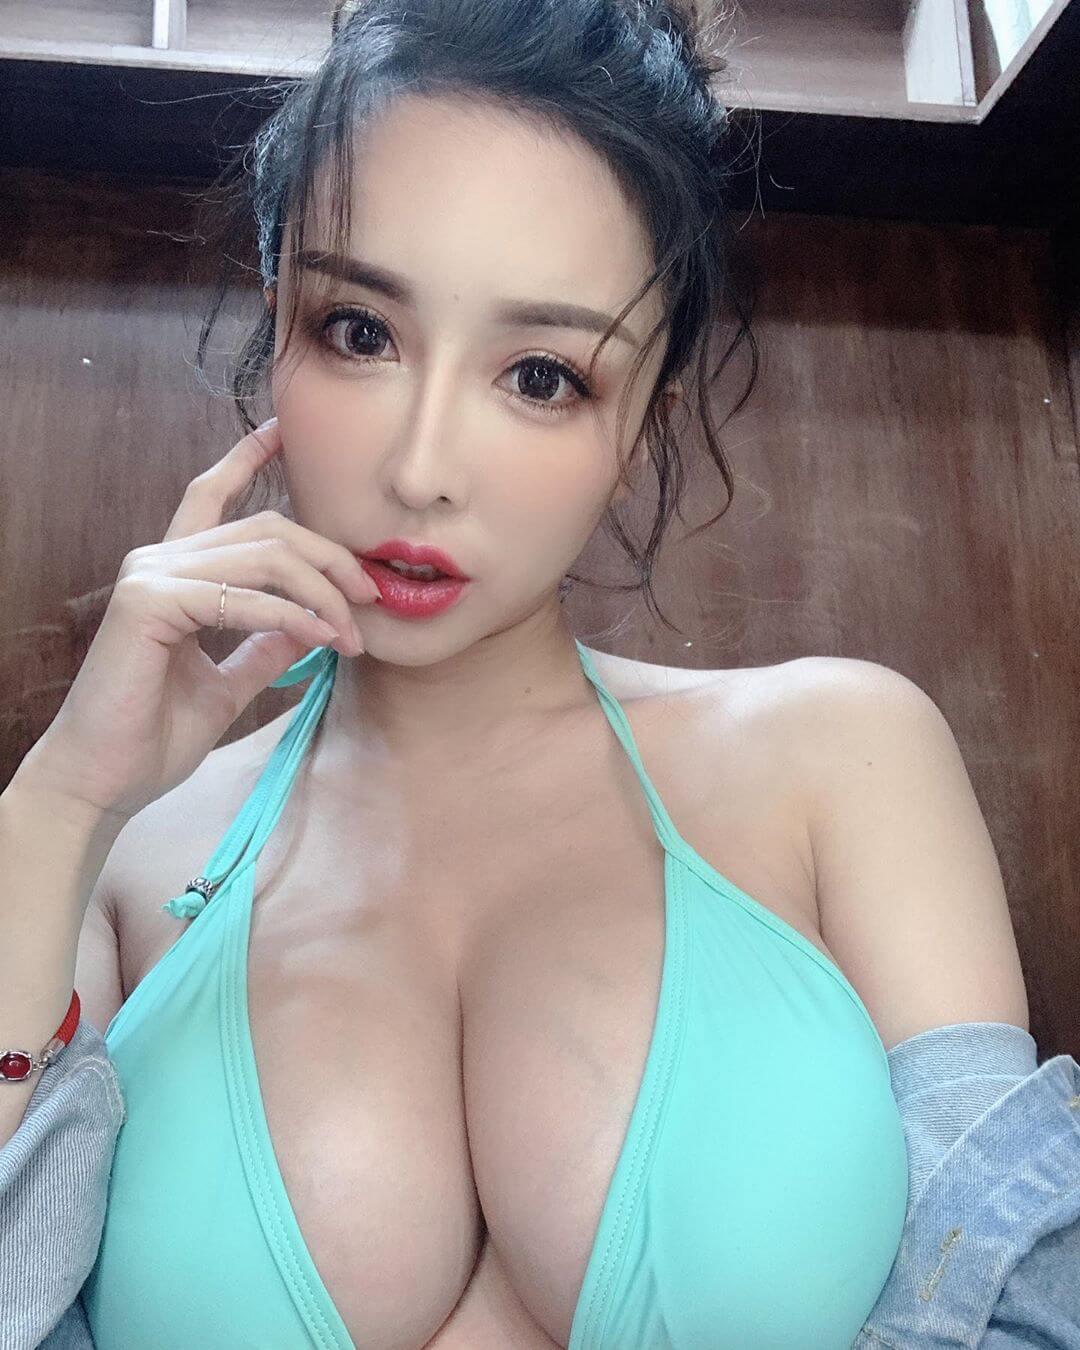 方祺媛 - 雪碧